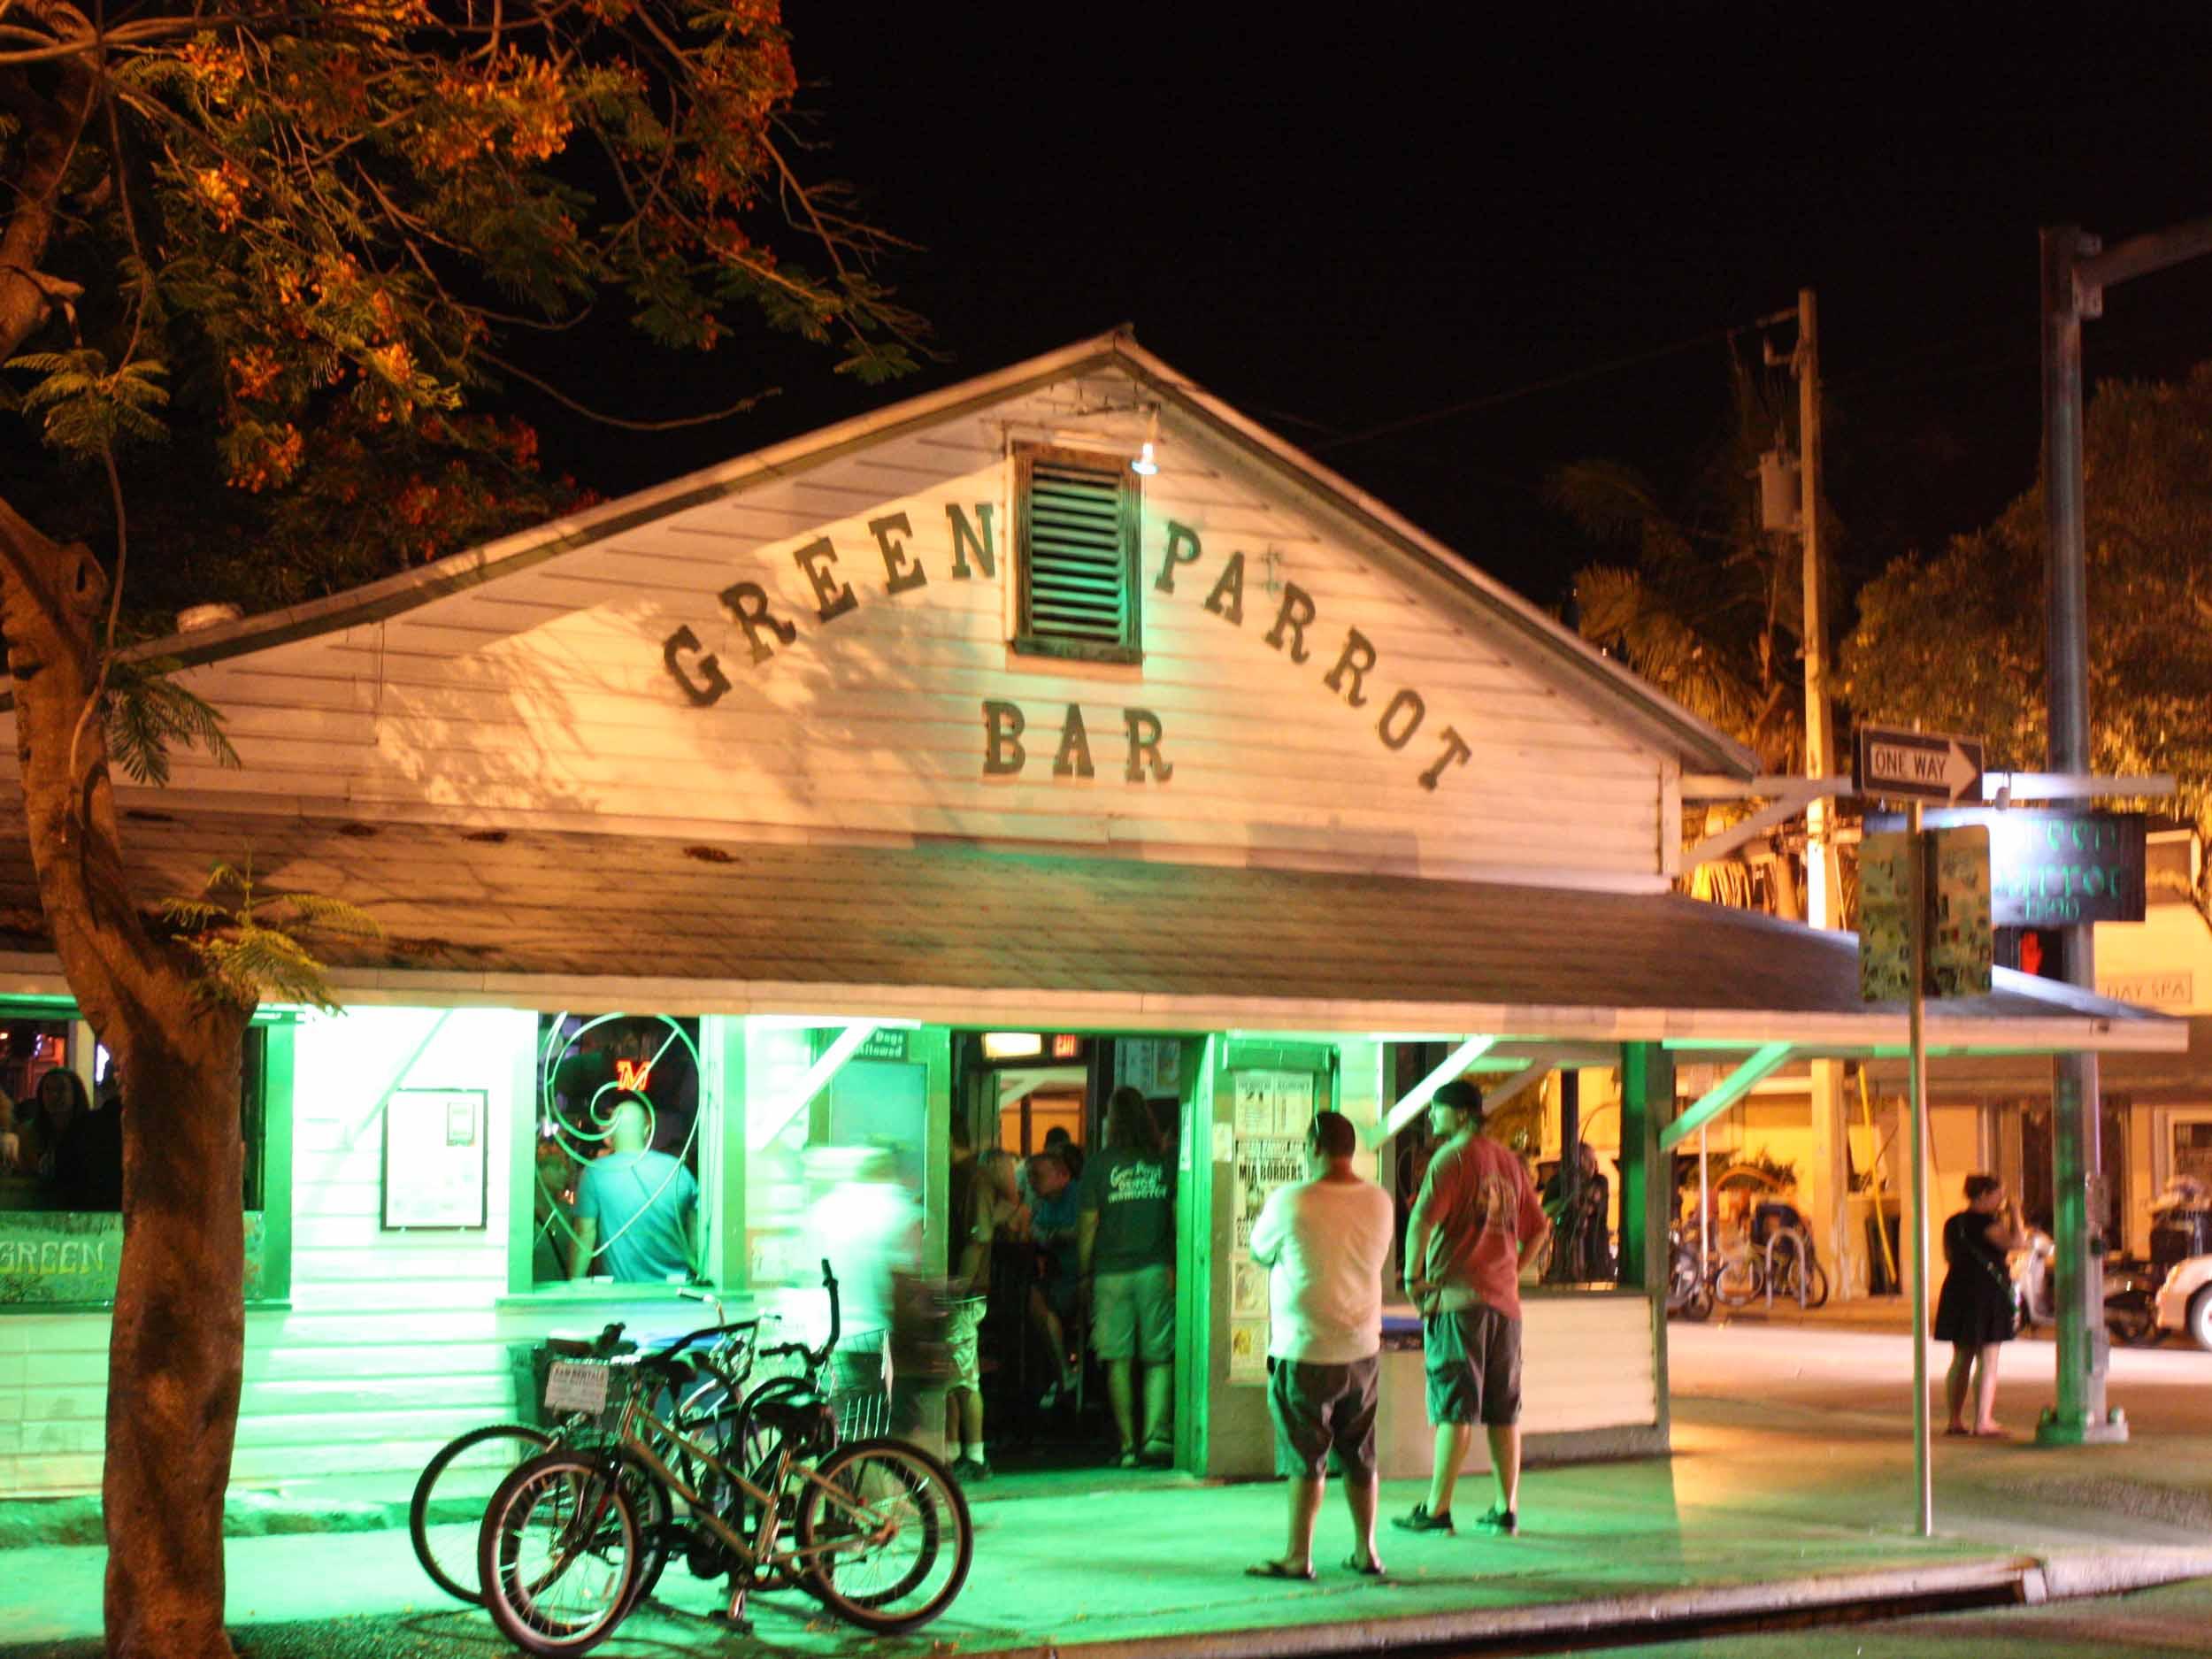 Green Parrot Bar Entrance at Night